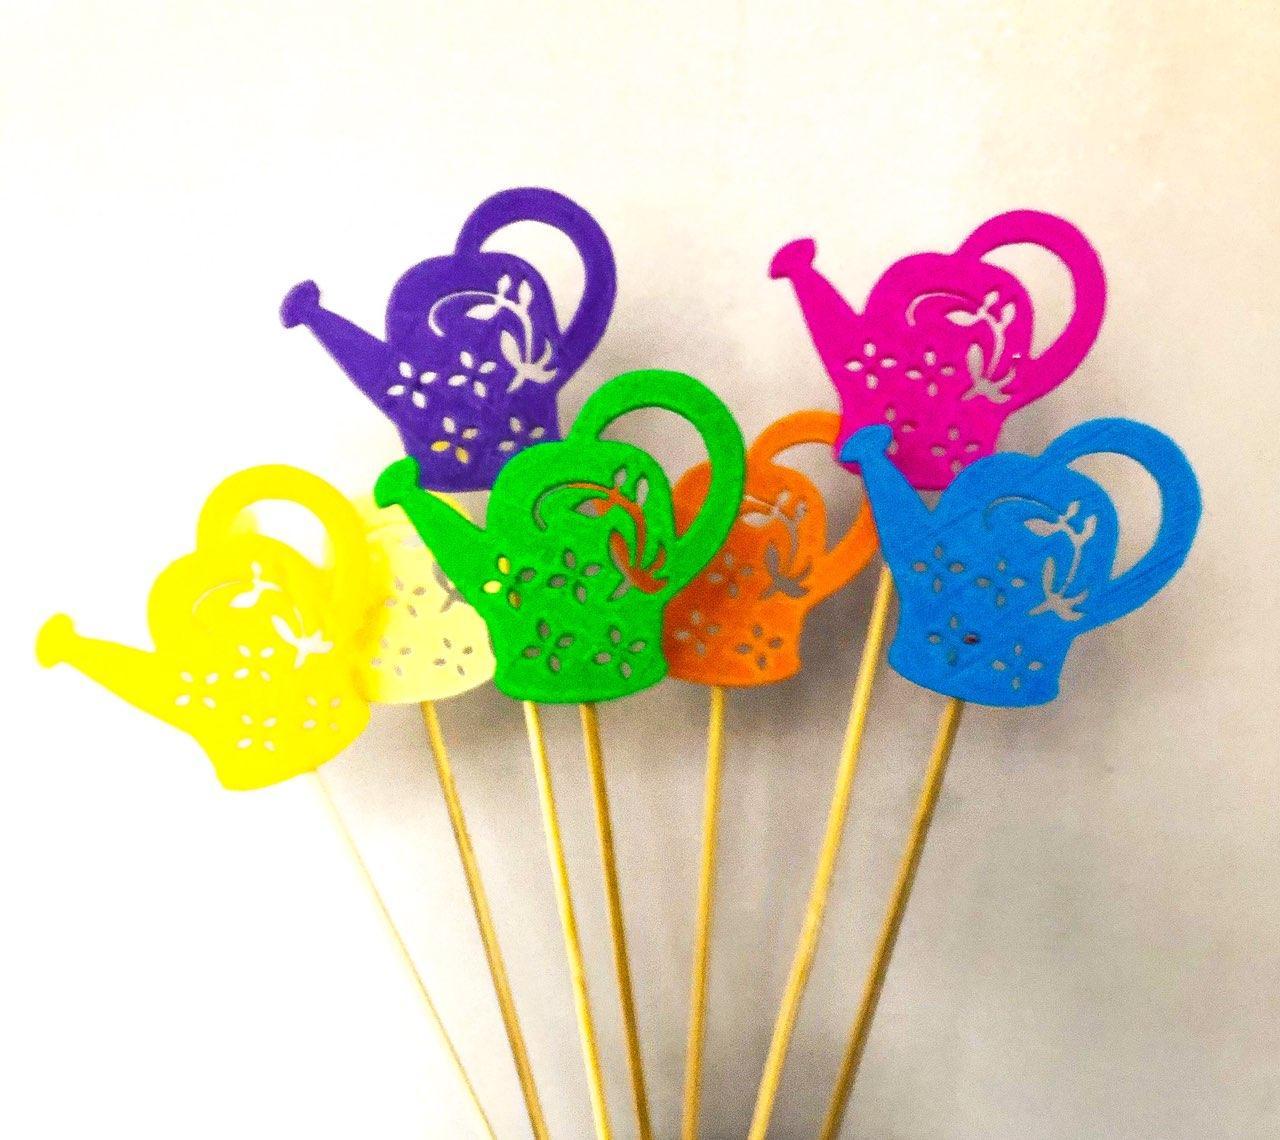 Лейки декор на палочке. 7 цветов. Декор на палочке из пластика. Пасхальный декор